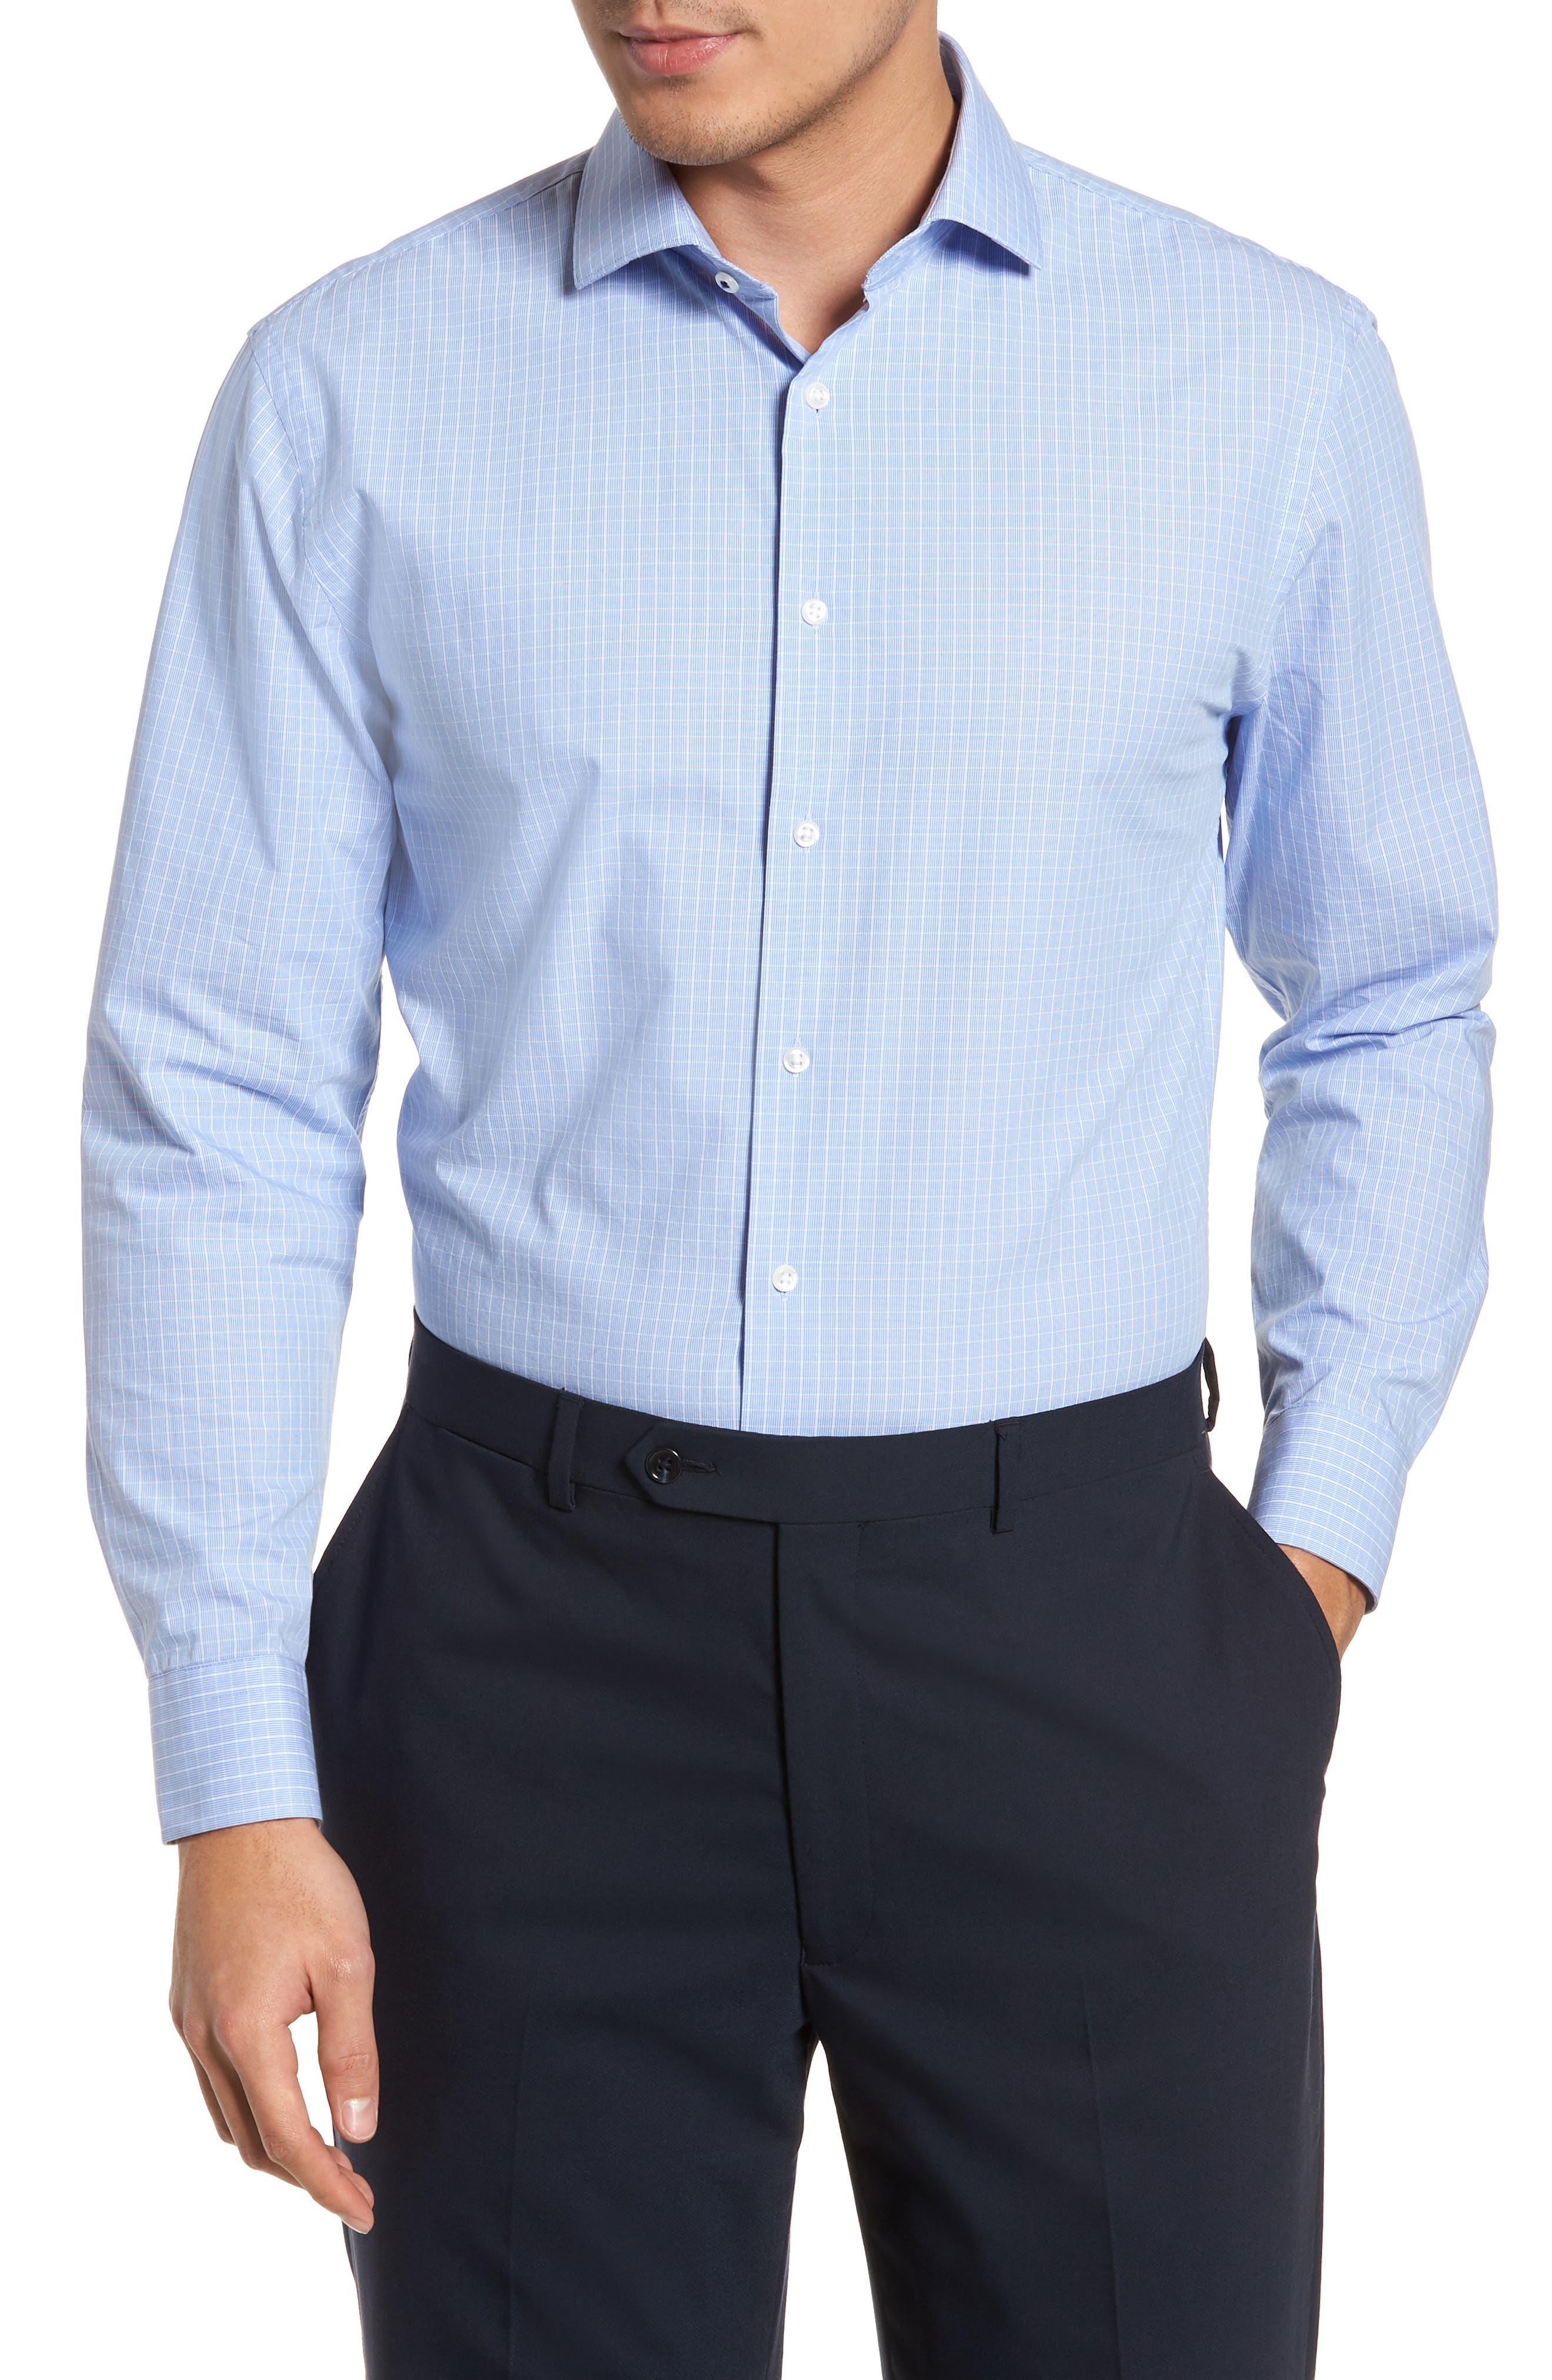 Tech-Smart Trim Fit Stretch Grid Dress Shirt,                             Main thumbnail 1, color,                             450